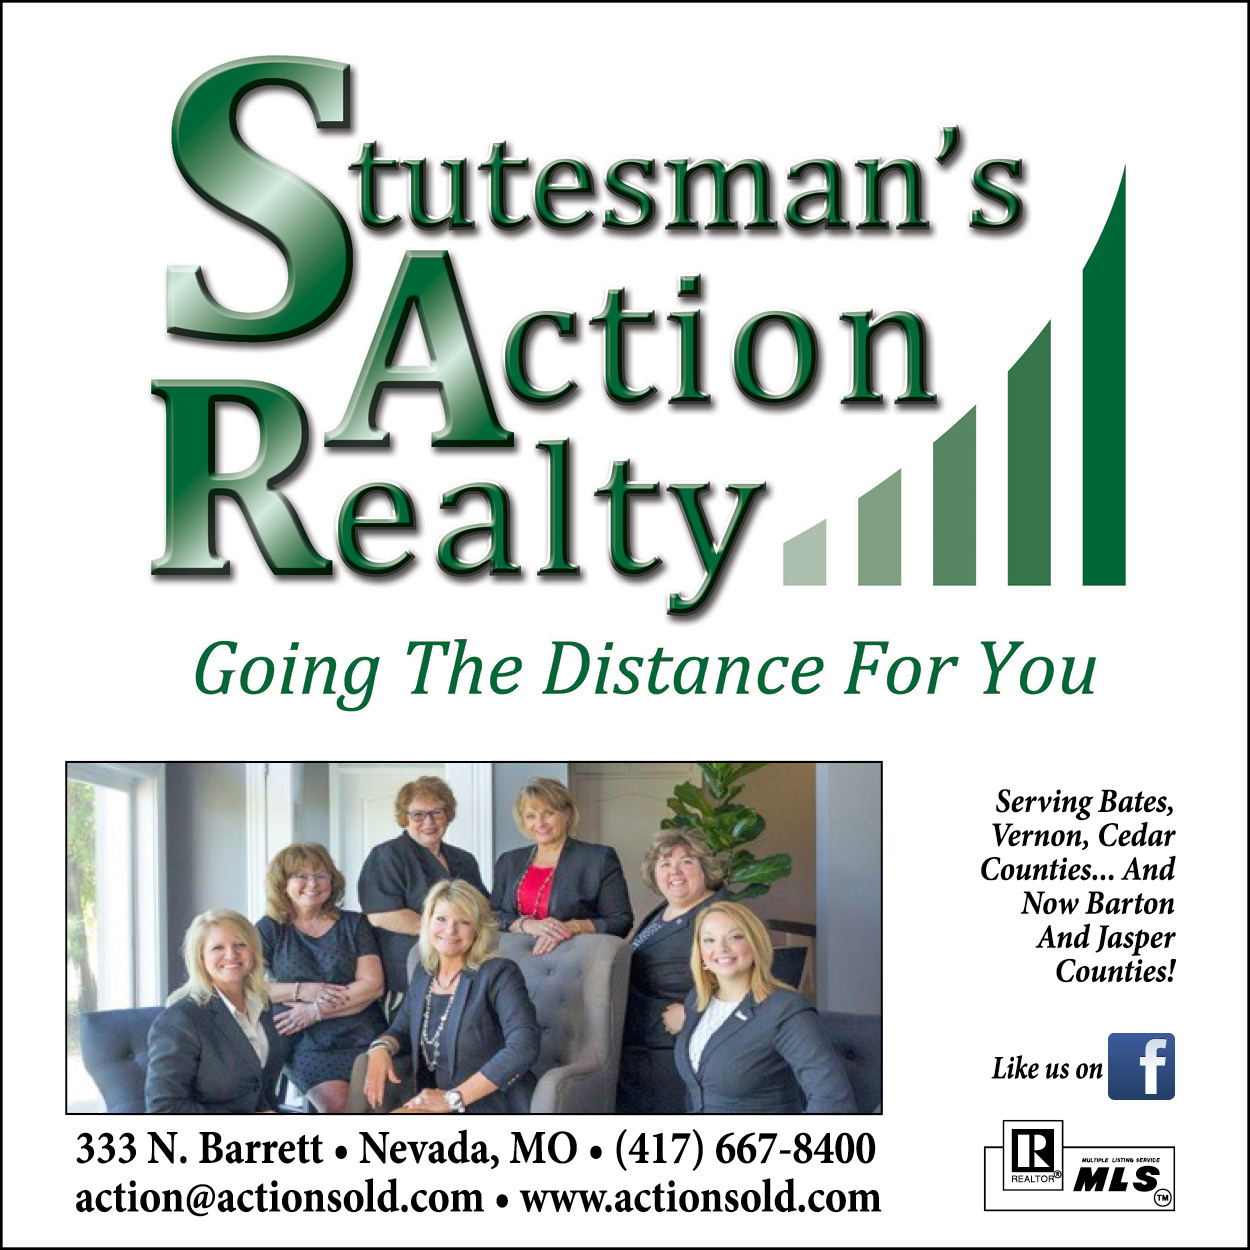 Stutesman's Action Realty